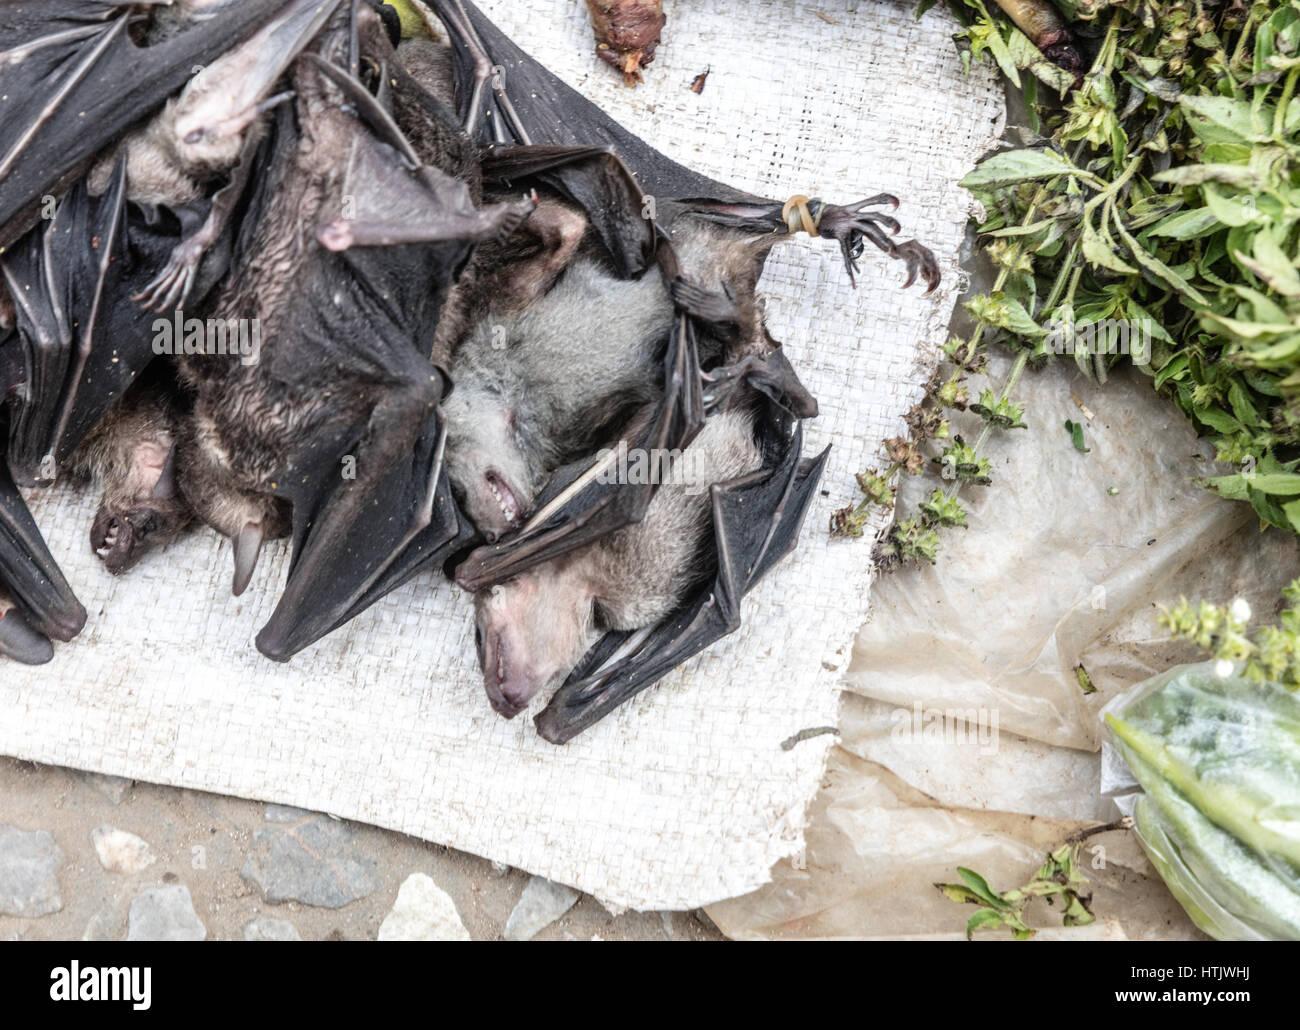 Bats sold at market in Luang Prabang, Laos Stock Photo: 135639550 ...